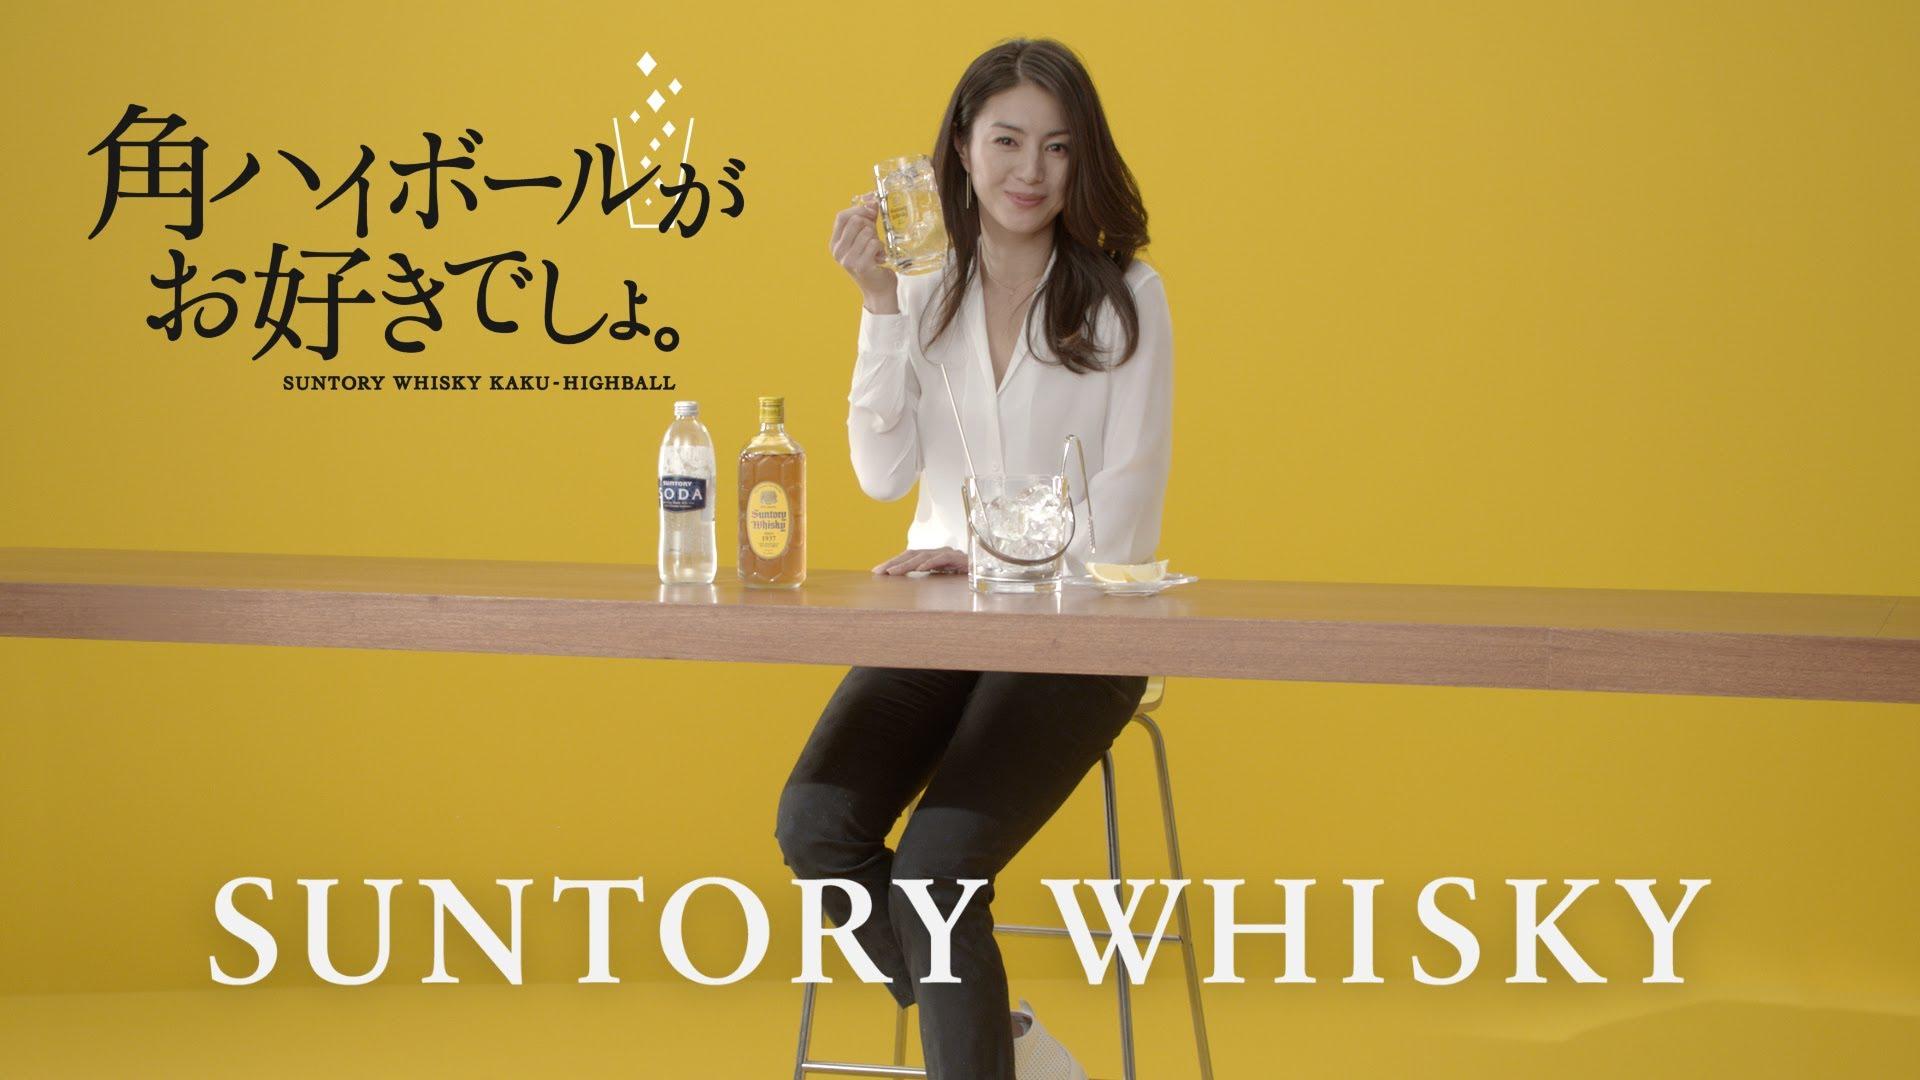 井川遥 角ハイボール 威士忌系列廣告再度推出15年續篇 秋刀魚 サンマ 開始探索日本 Discover Japan Now